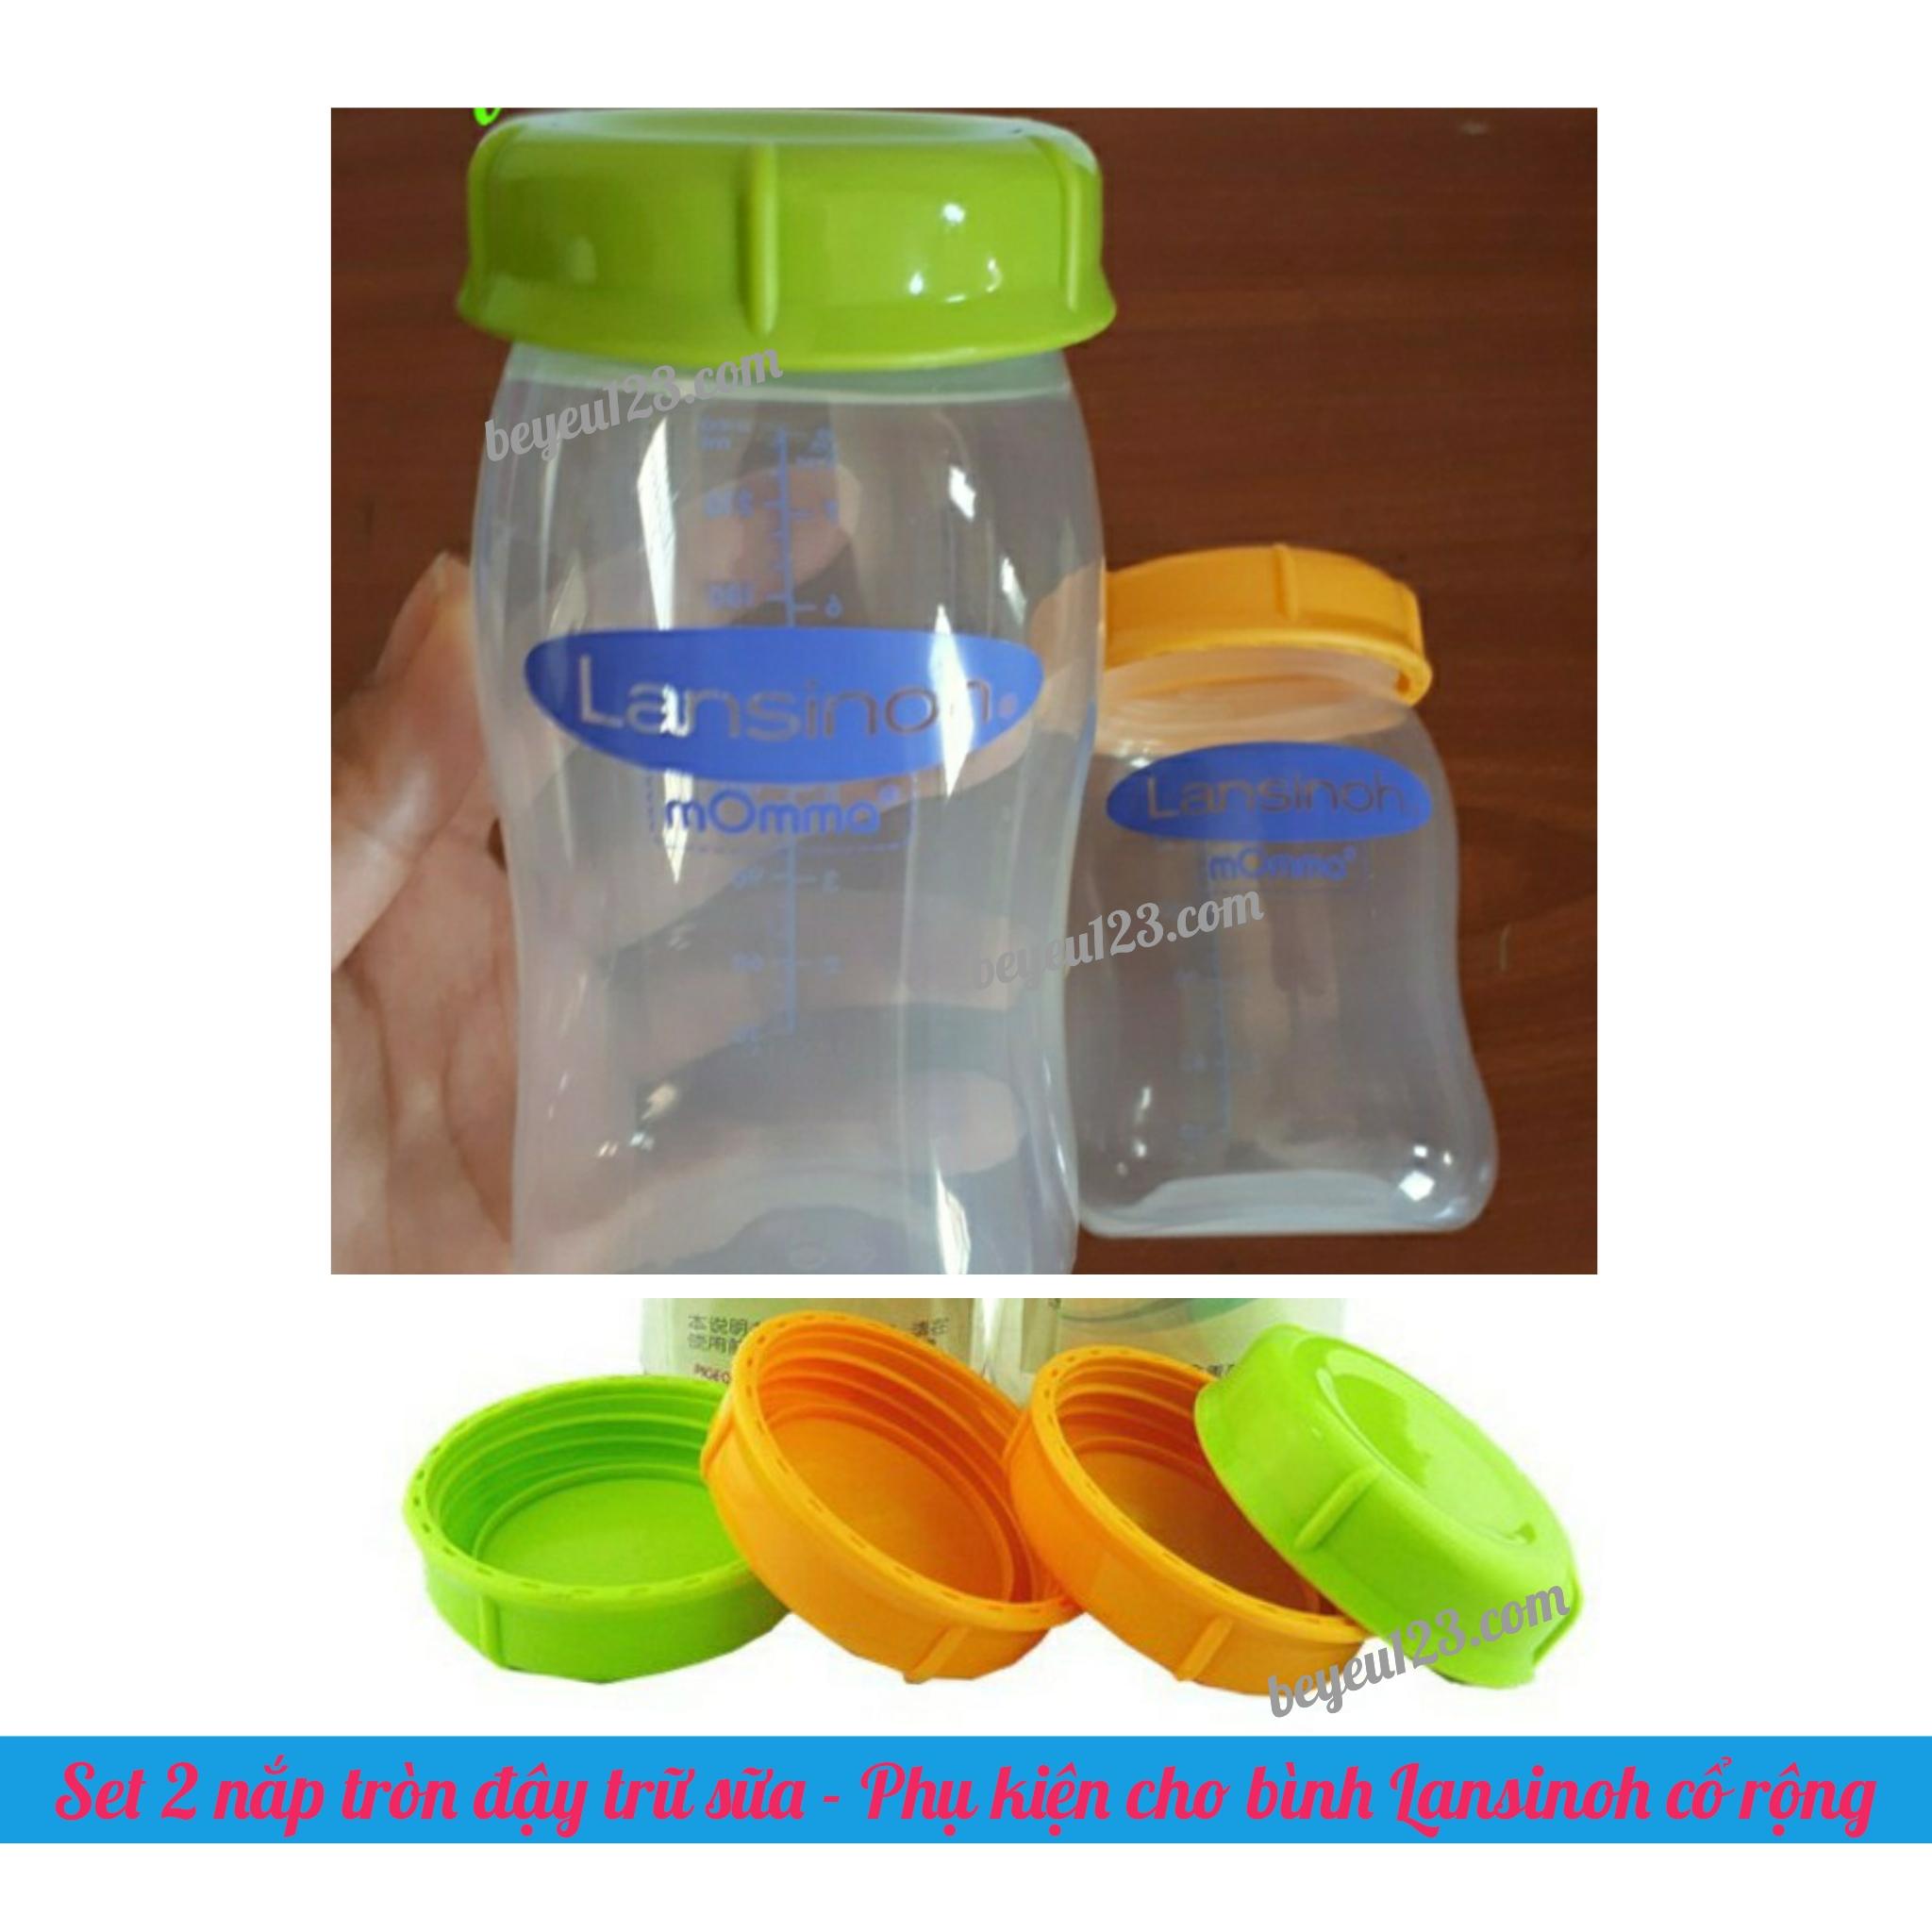 Set 2 nắp tròn đậy trữ sữa Lansinoh - Phụ kiện cho bình cổ rộng